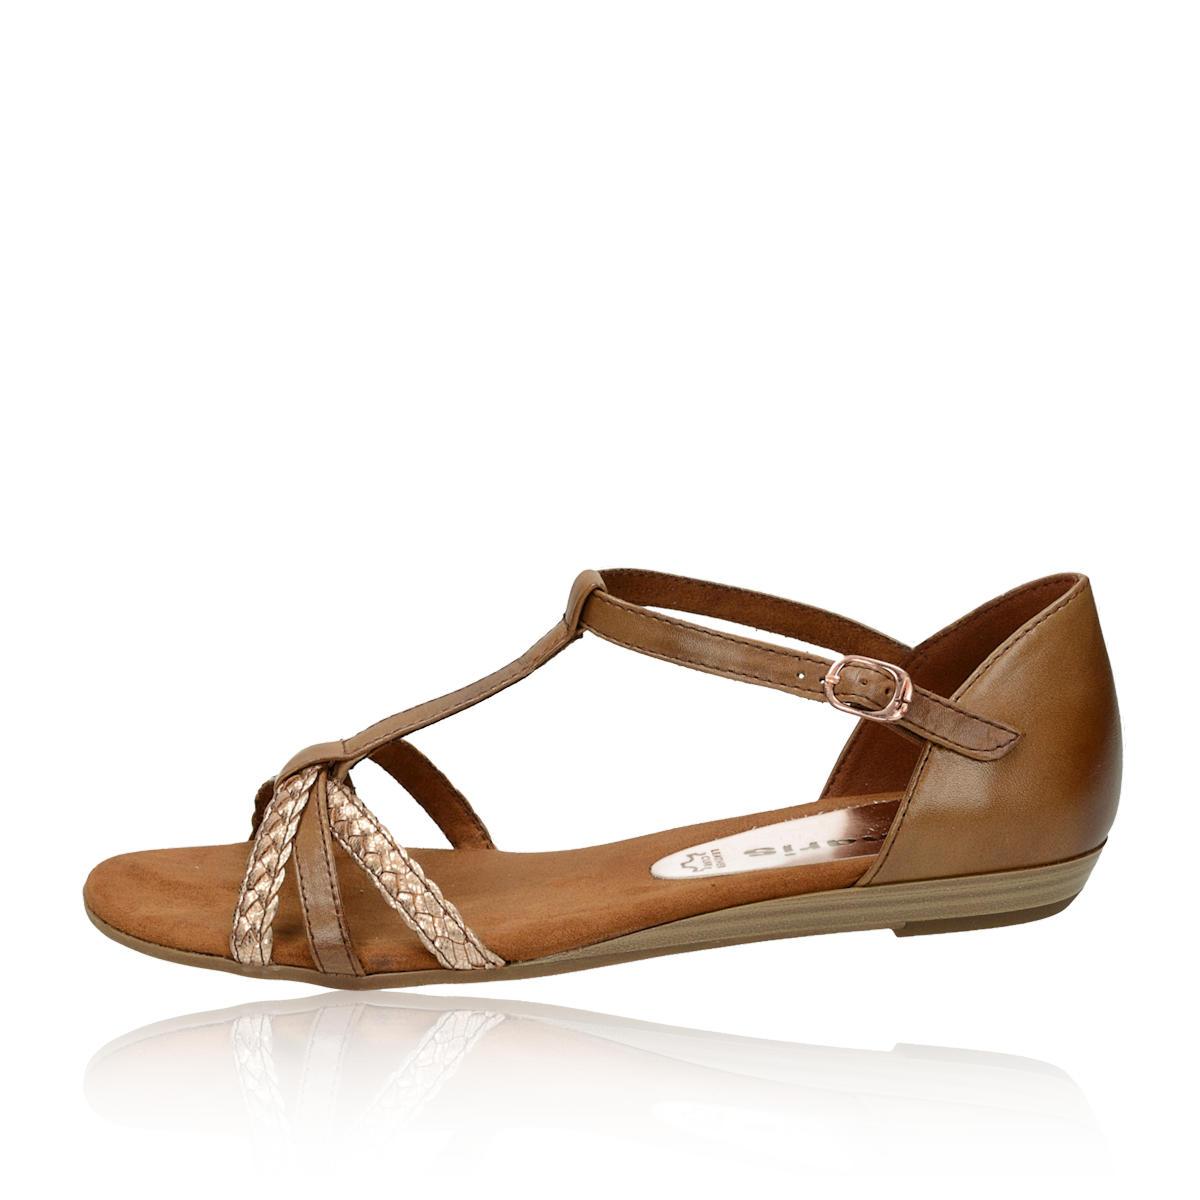 3acfb860f59c Tamaris dámske pohodlné sandále - hnedé Tamaris dámske pohodlné sandále -  hnedé ...